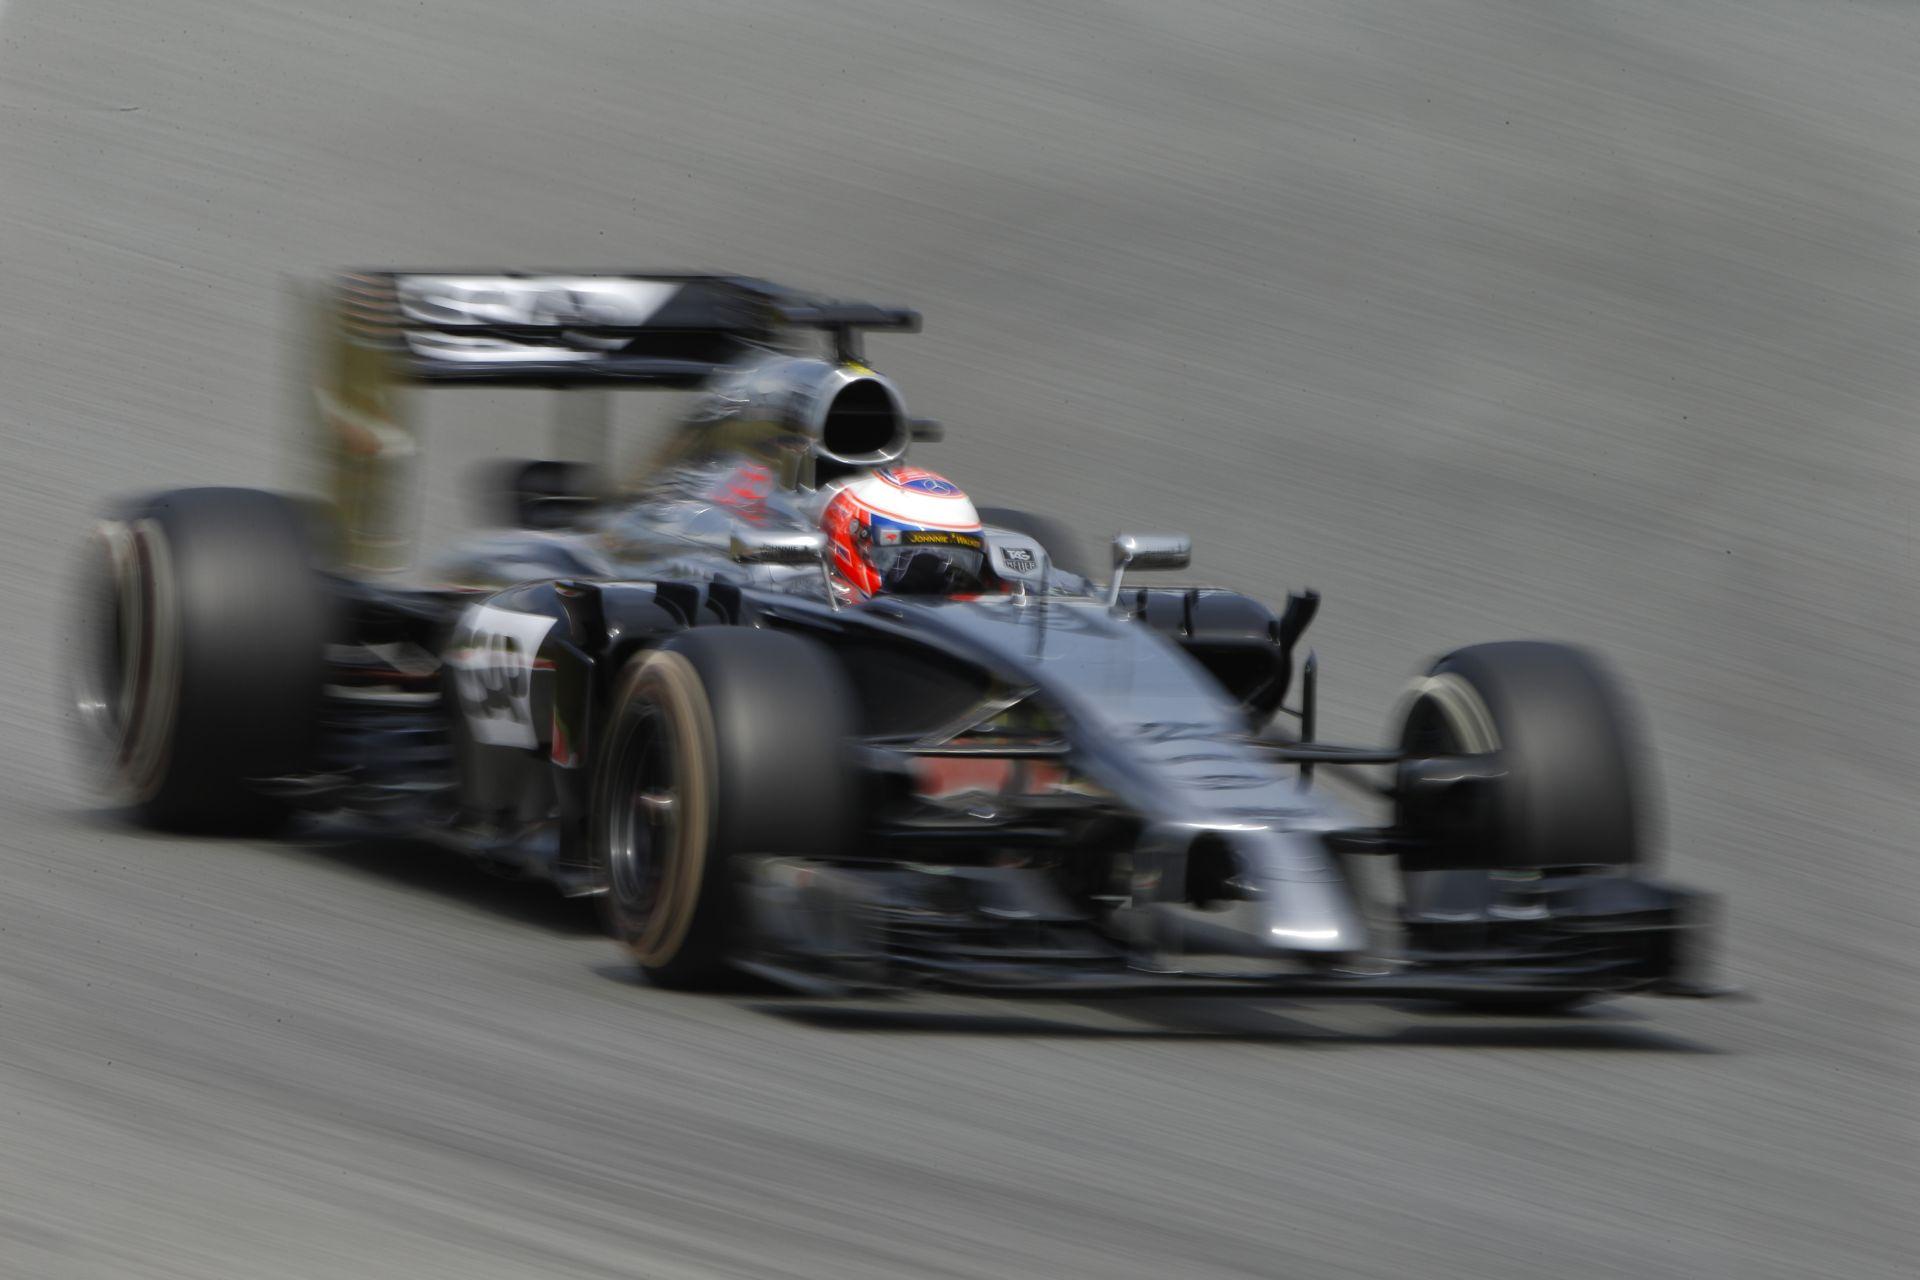 Pont nélkül a McLaren Spanyolországban: Egyre nagyobb a baj Wokingban